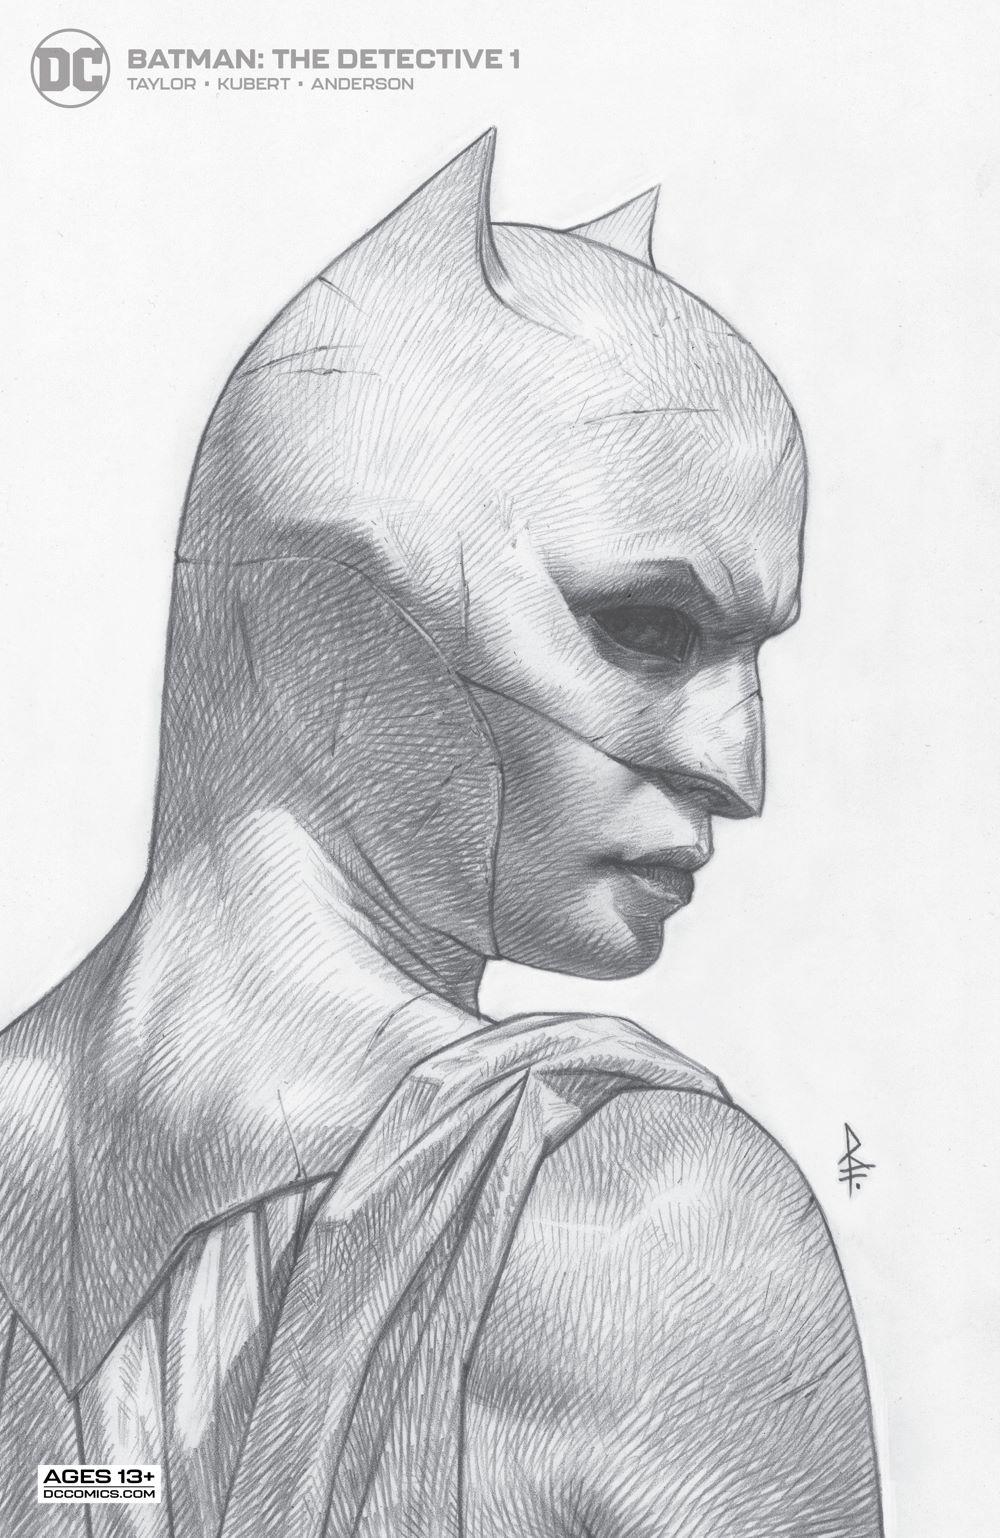 BM_DET_01-3_6070a8f384fd34.25666525 ComicList Previews: BATMAN THE DETECTIVE #1 (OF 6)